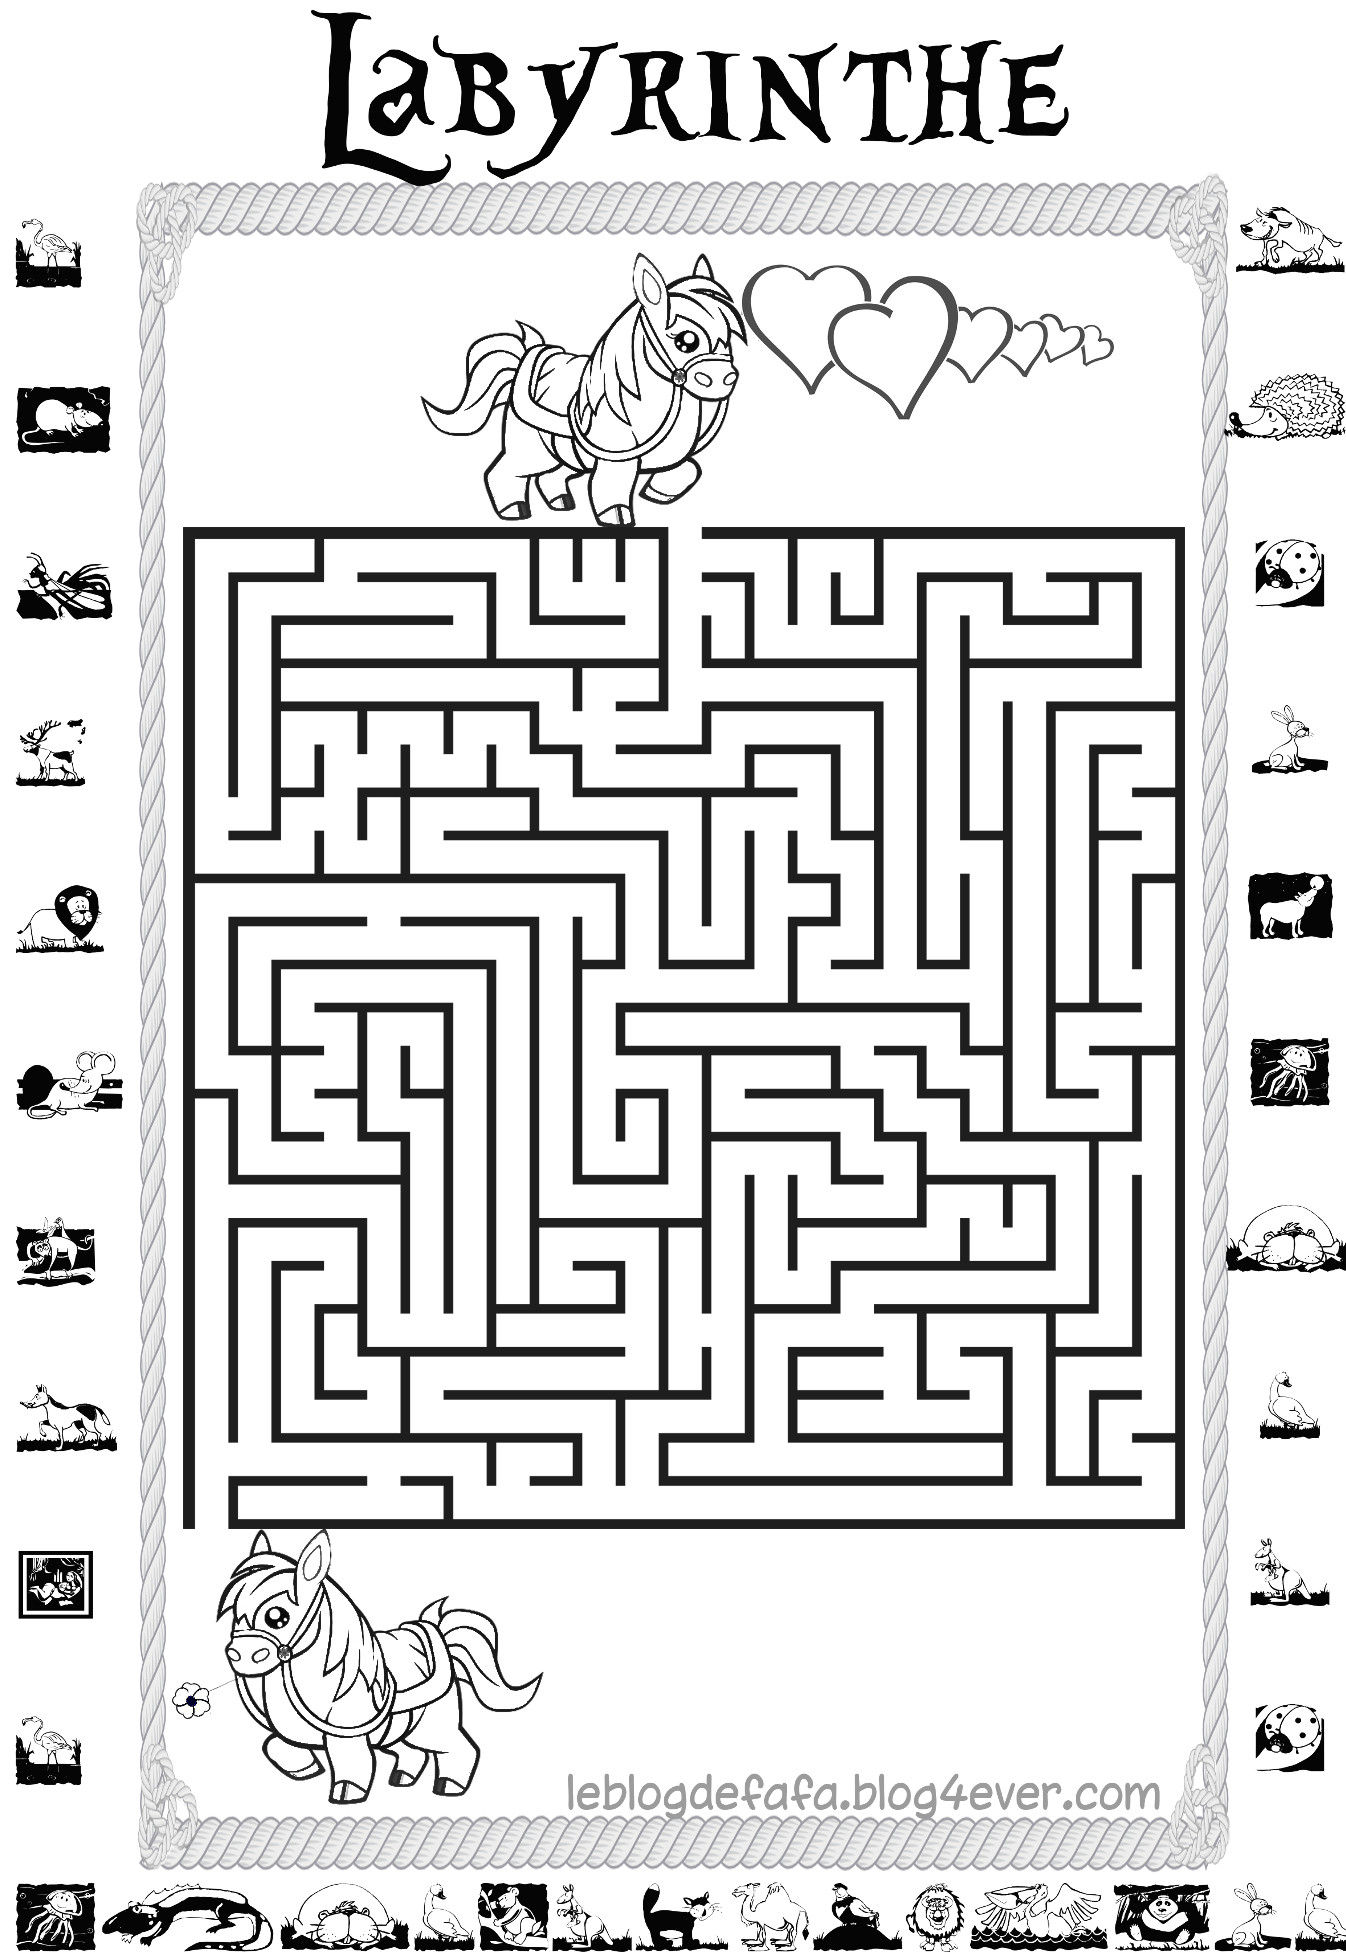 Jeux Chevaux Gratuits À Imprimer : Labyrinthes, Apprendre À destiné Labyrinthe A Imprimer